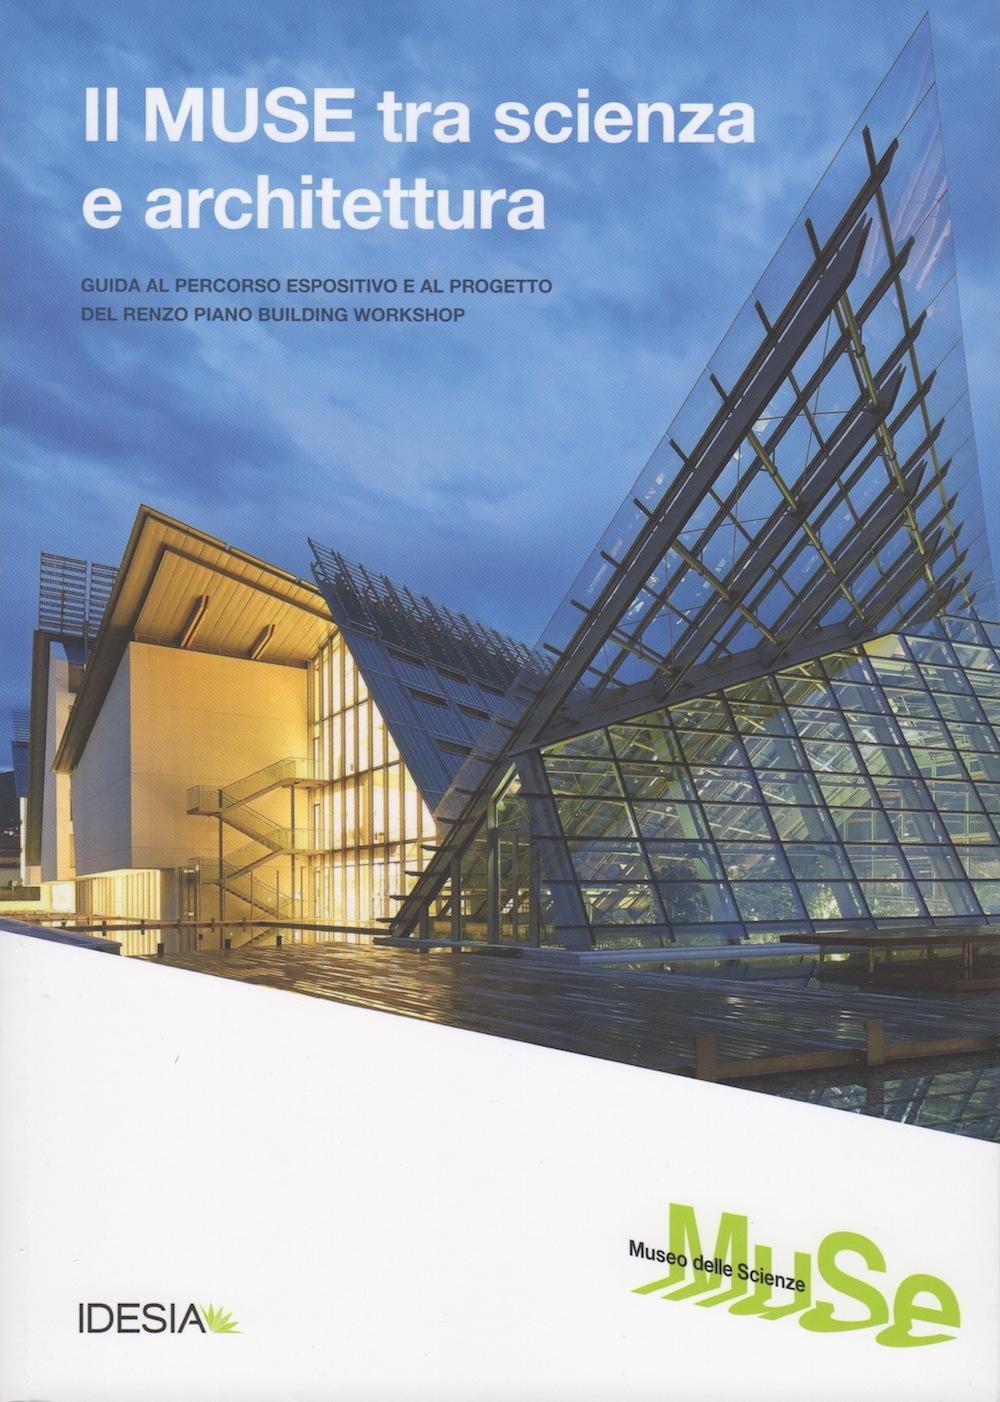 Il MUSE tra scienza e architettura